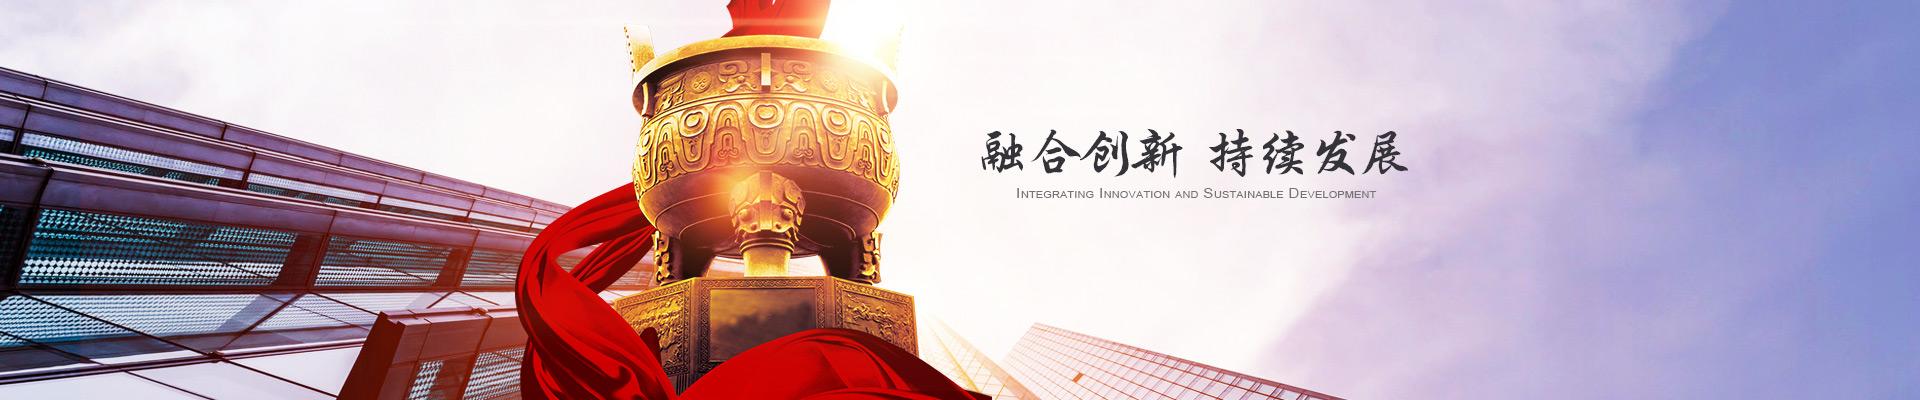 立车-立式易胜博官方app下载-数控立车-湖南省岳阳机床厂-岳阳岳机机床制造有限公司